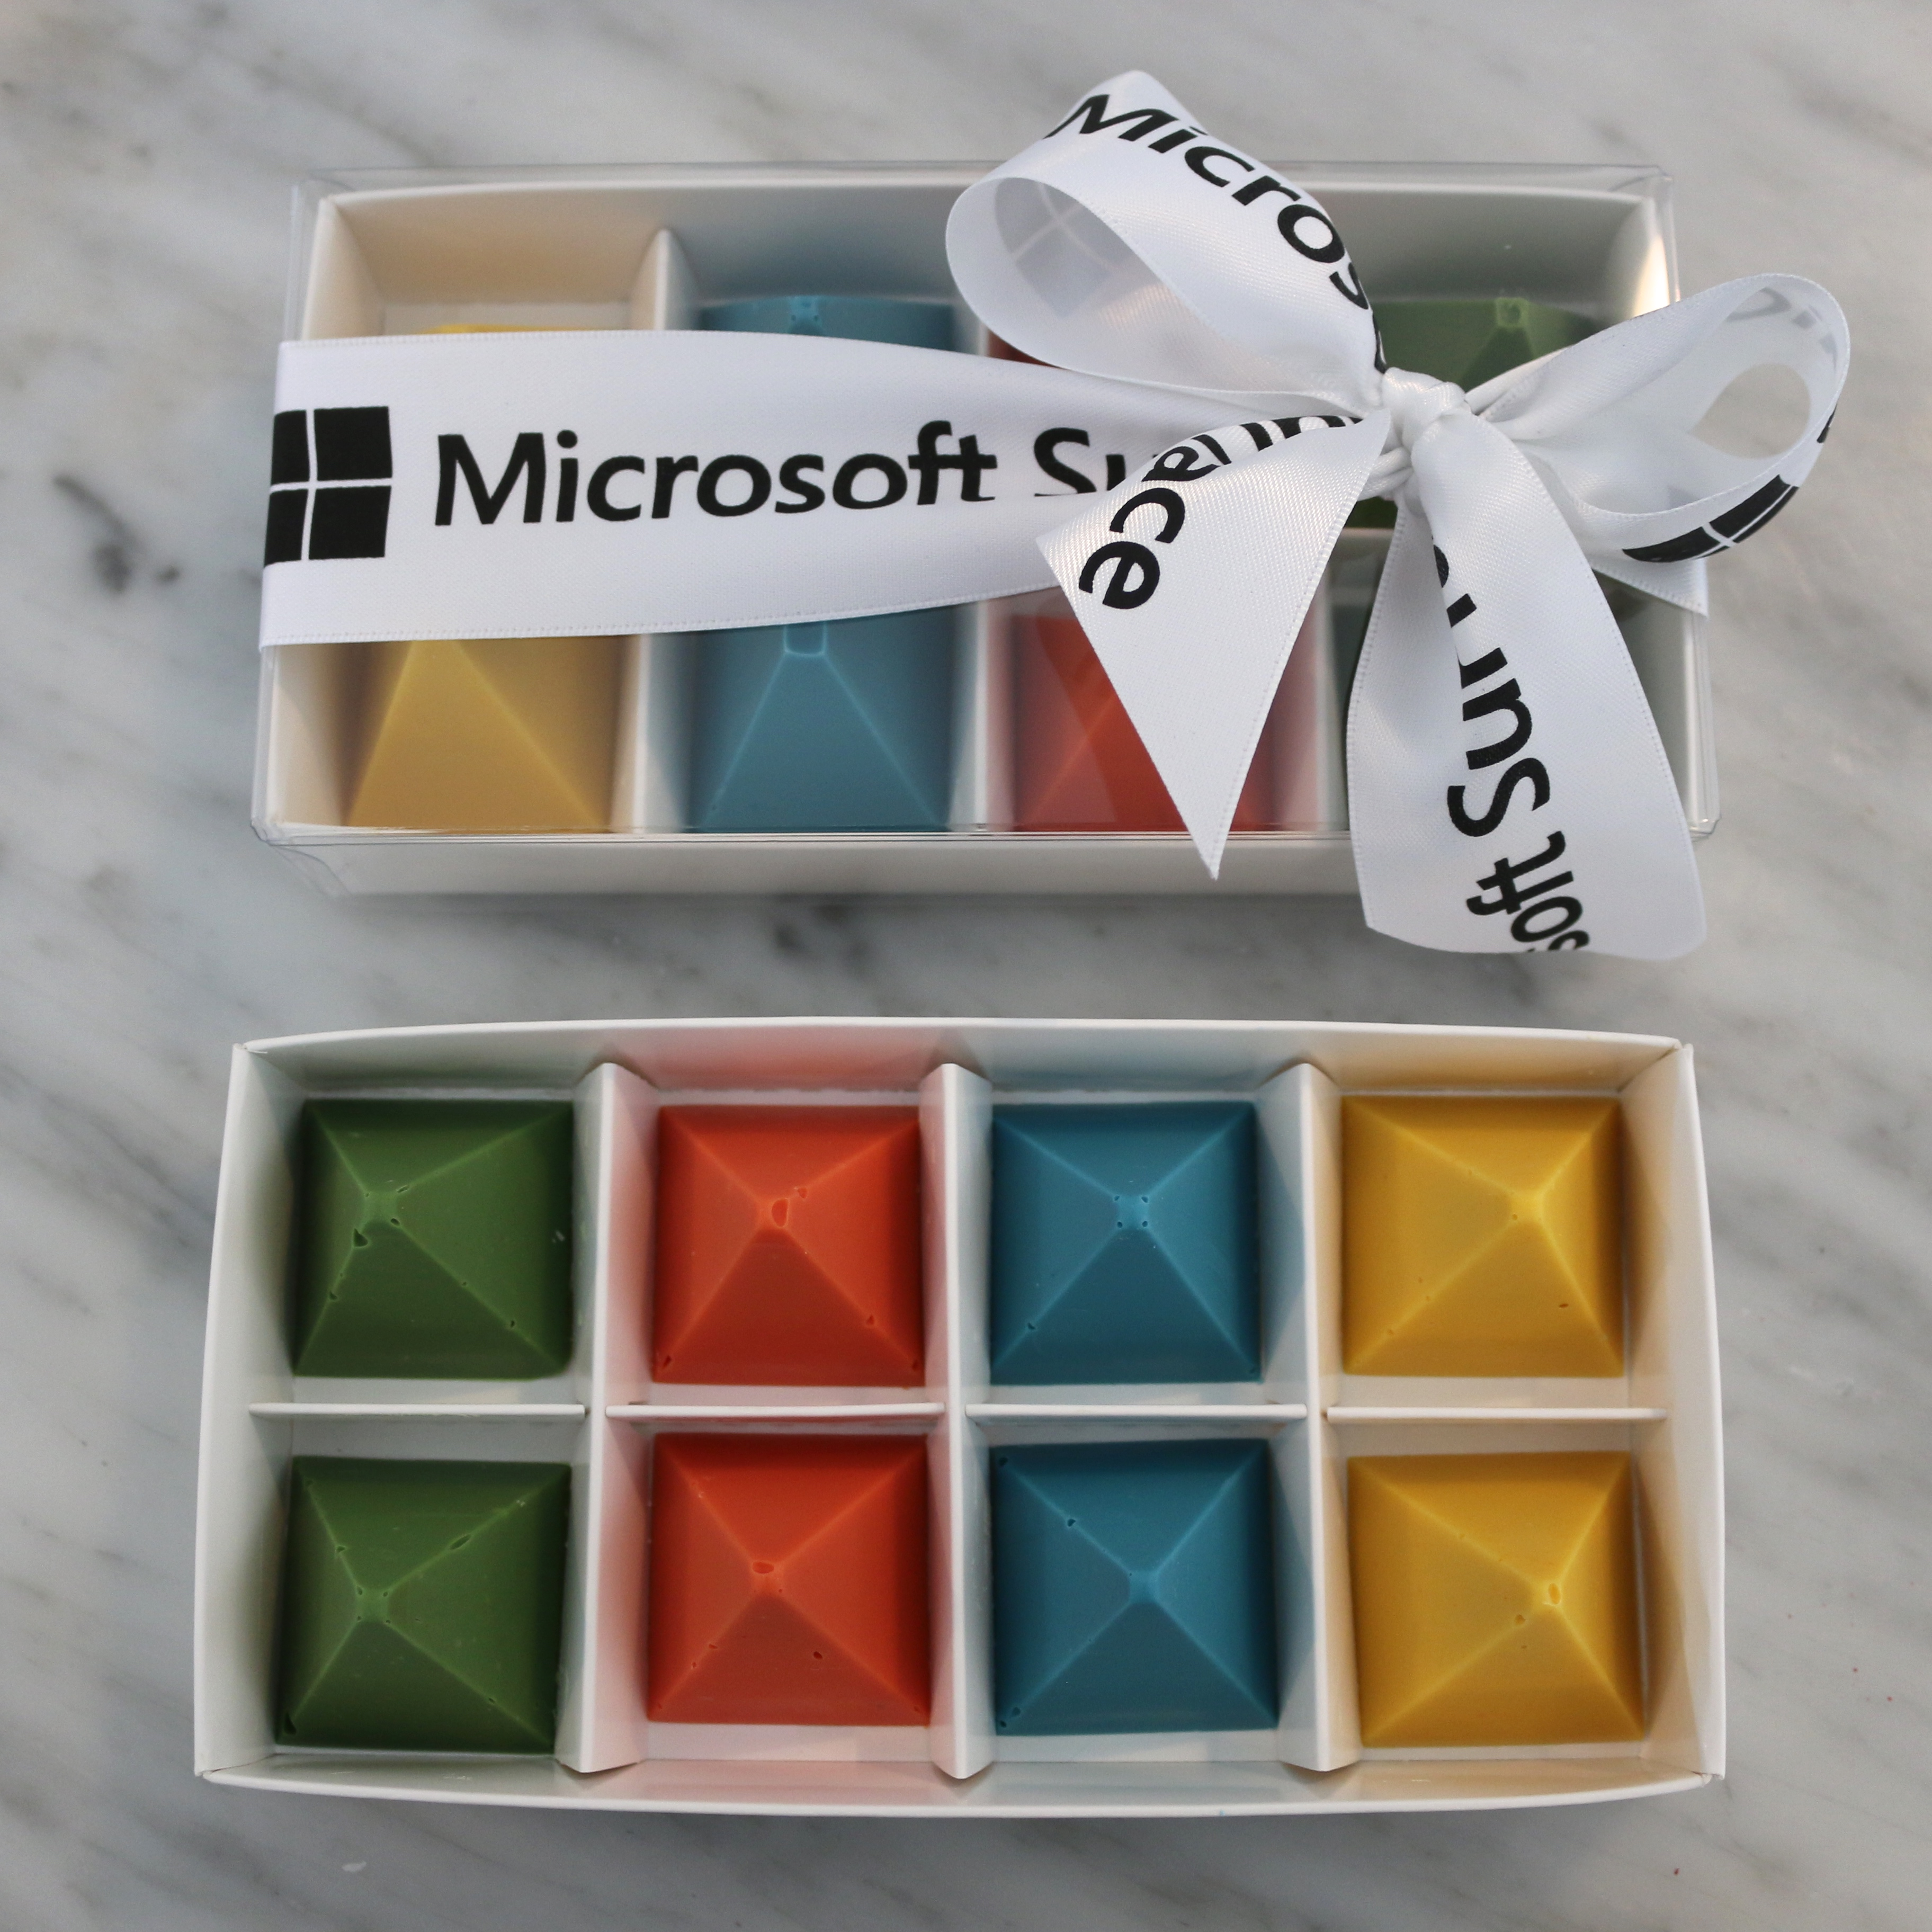 Microsoft Australia